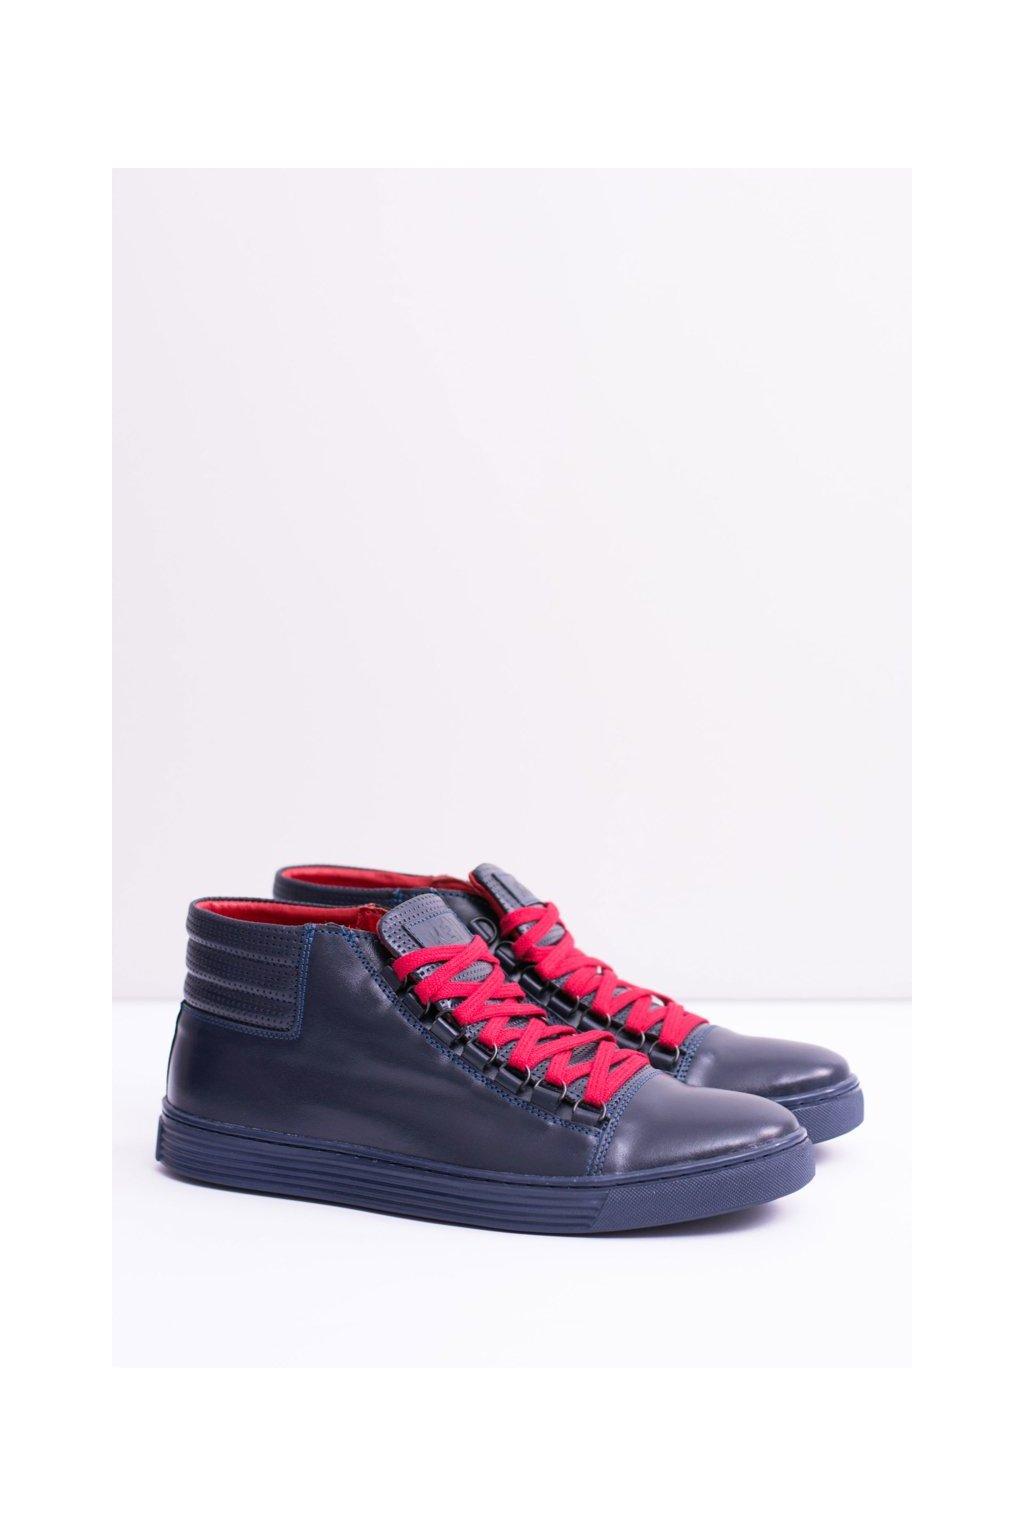 Modrá obuv kód topánok 304 NAVY